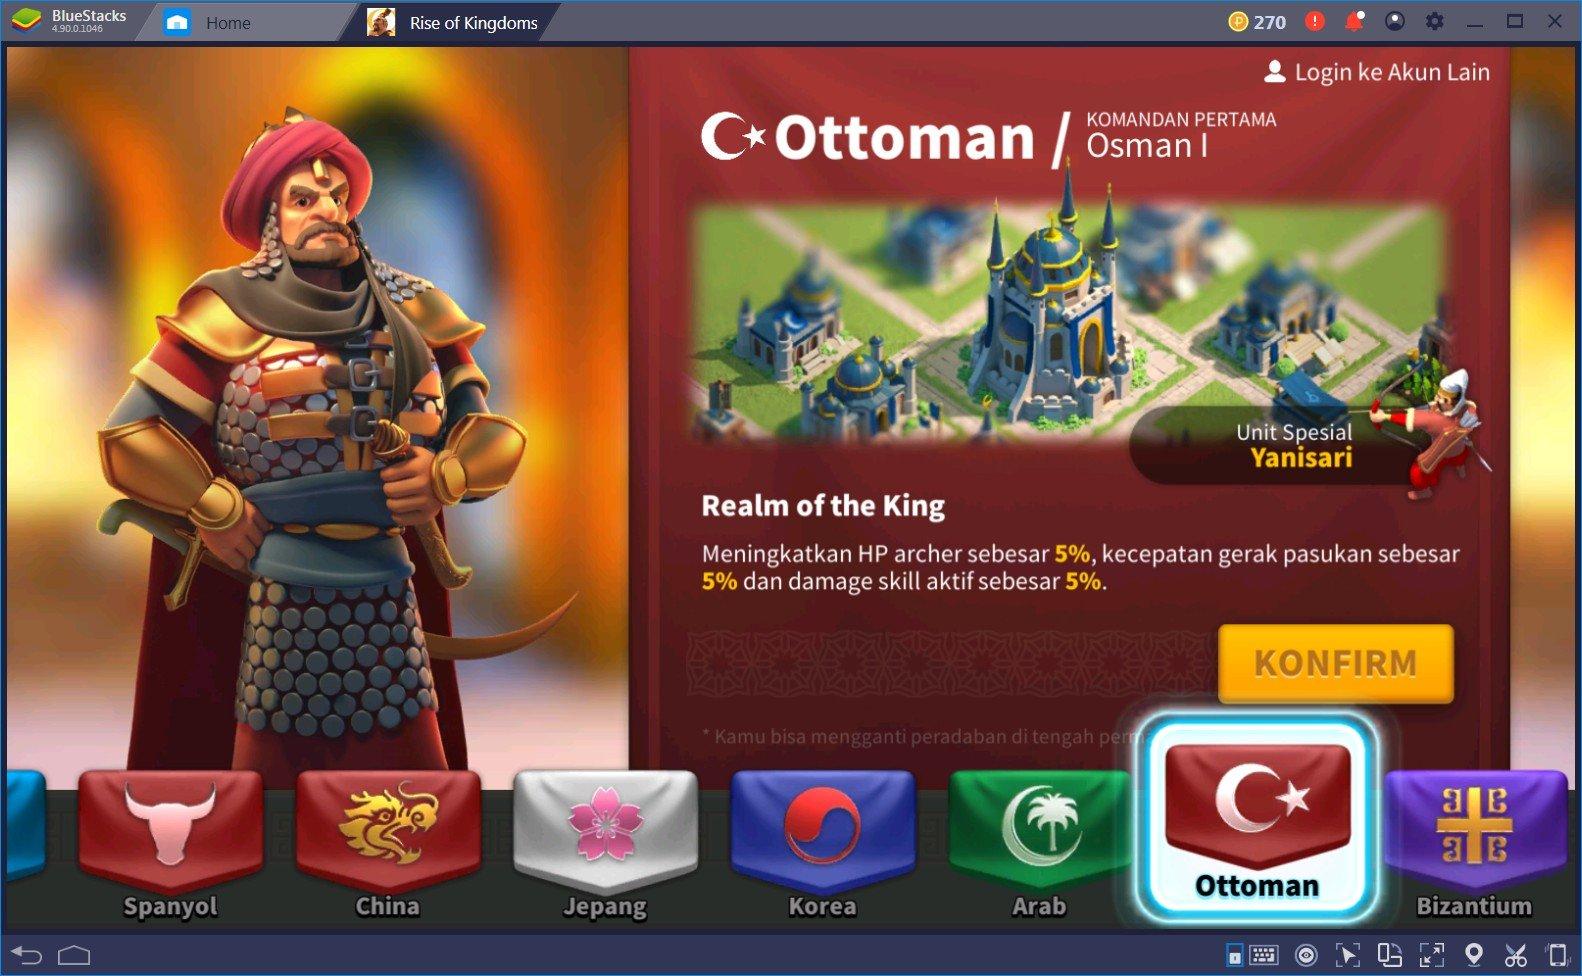 Panduan Utama Dalam Memilih Peradaban Terbaik di Game Rise of Kingdoms